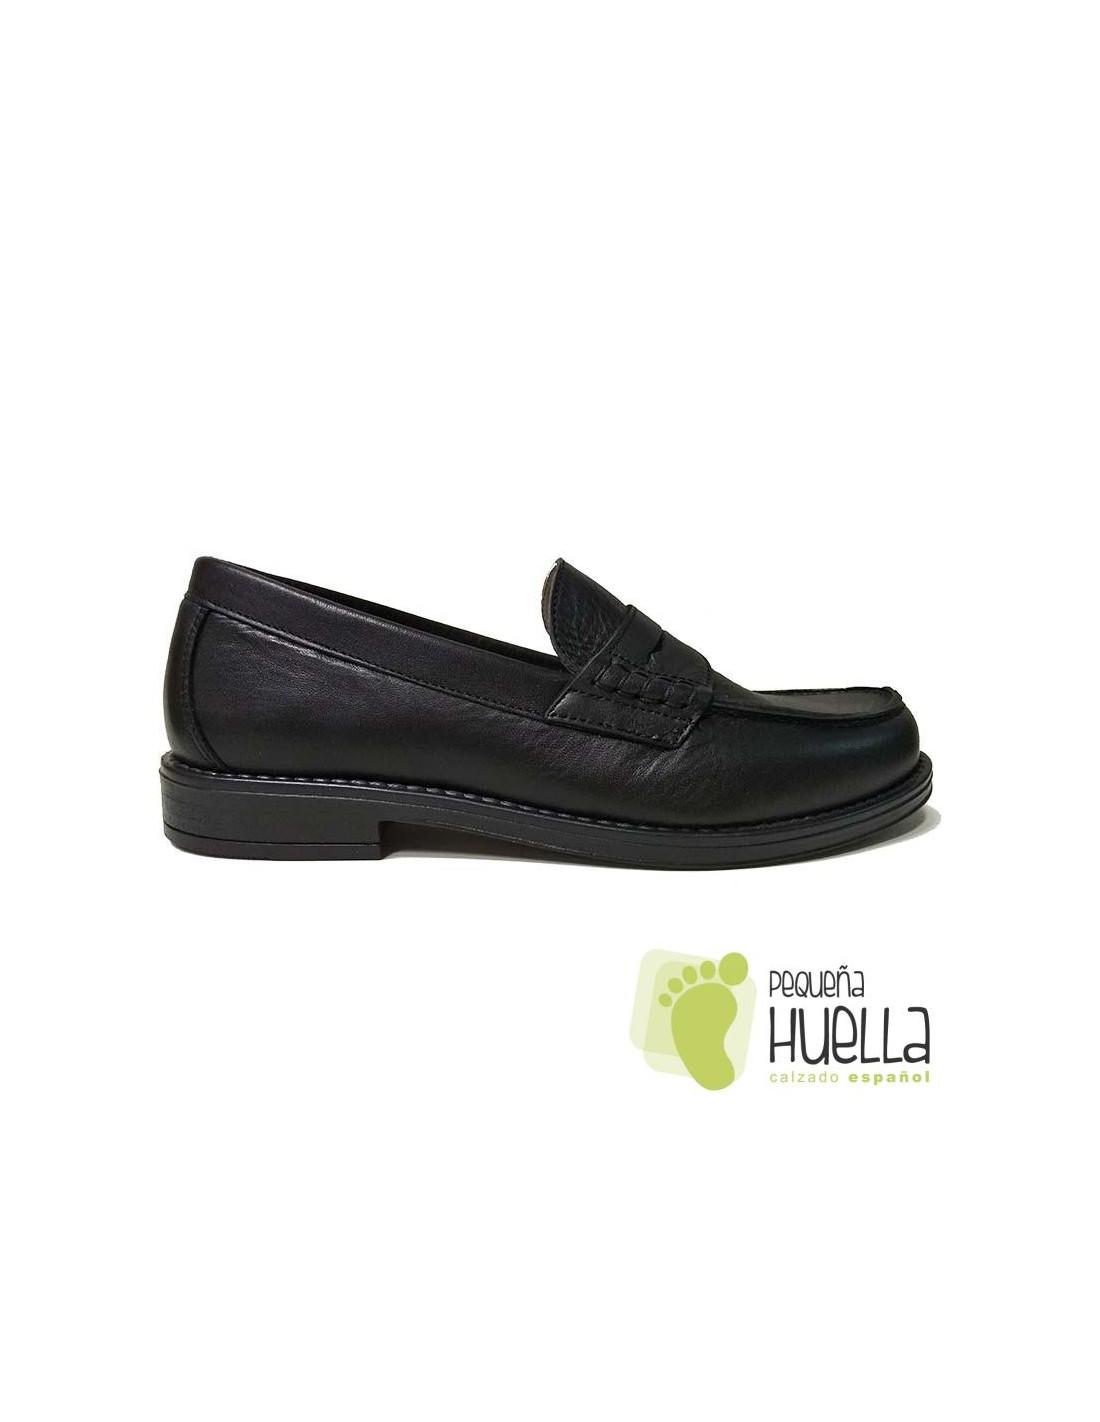 e16fa3e1 Comprar Zapato Colegial Castellano para niño Online Yowas 60